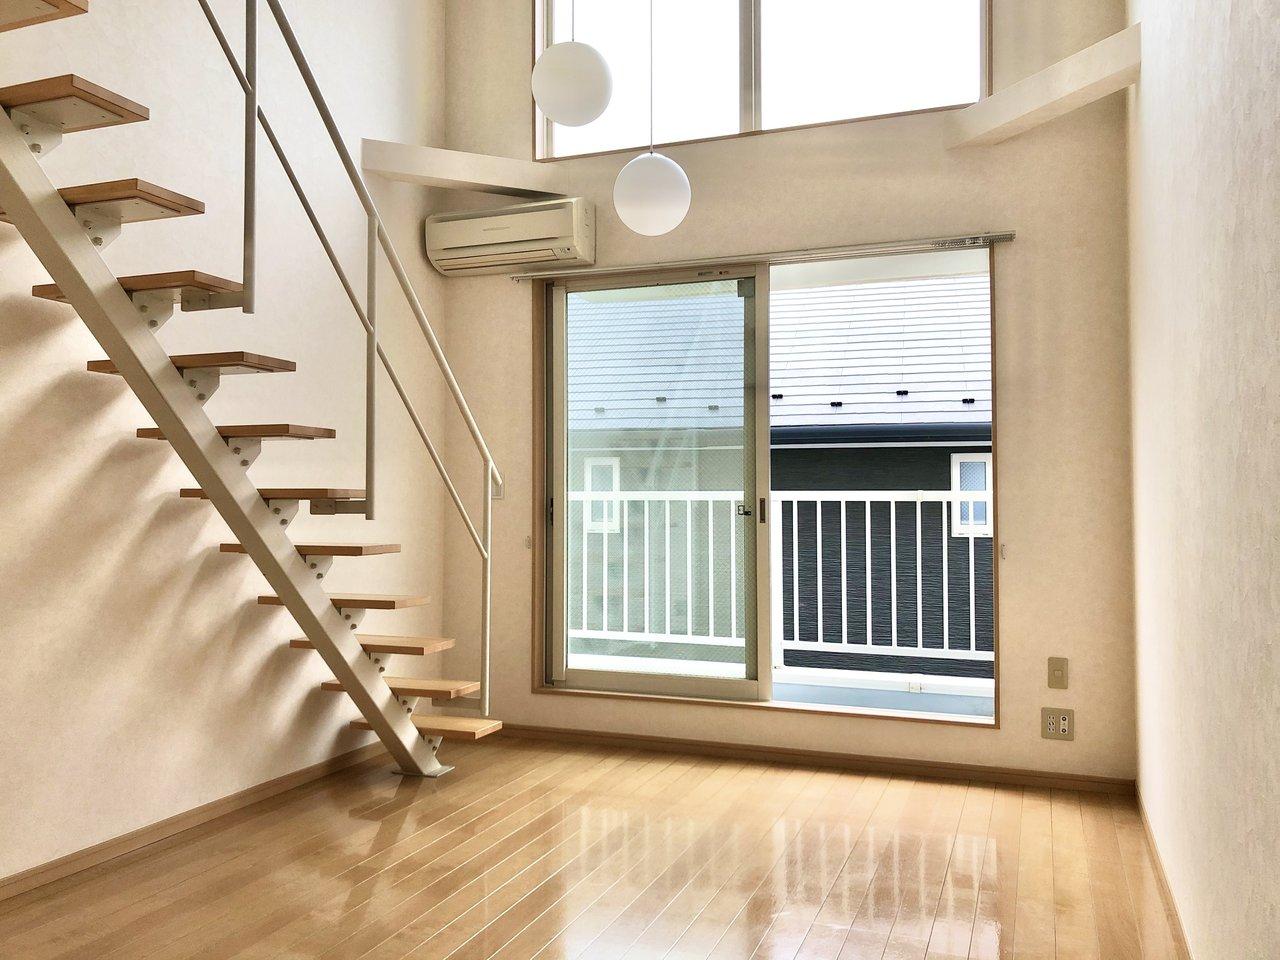 続いては、小田急線喜多見駅から徒歩9分のところにある、こちらのお部屋。3階建てのテラスハウスで室内に階段があるため、天井が高く感じられる開放感のあるお部屋です。